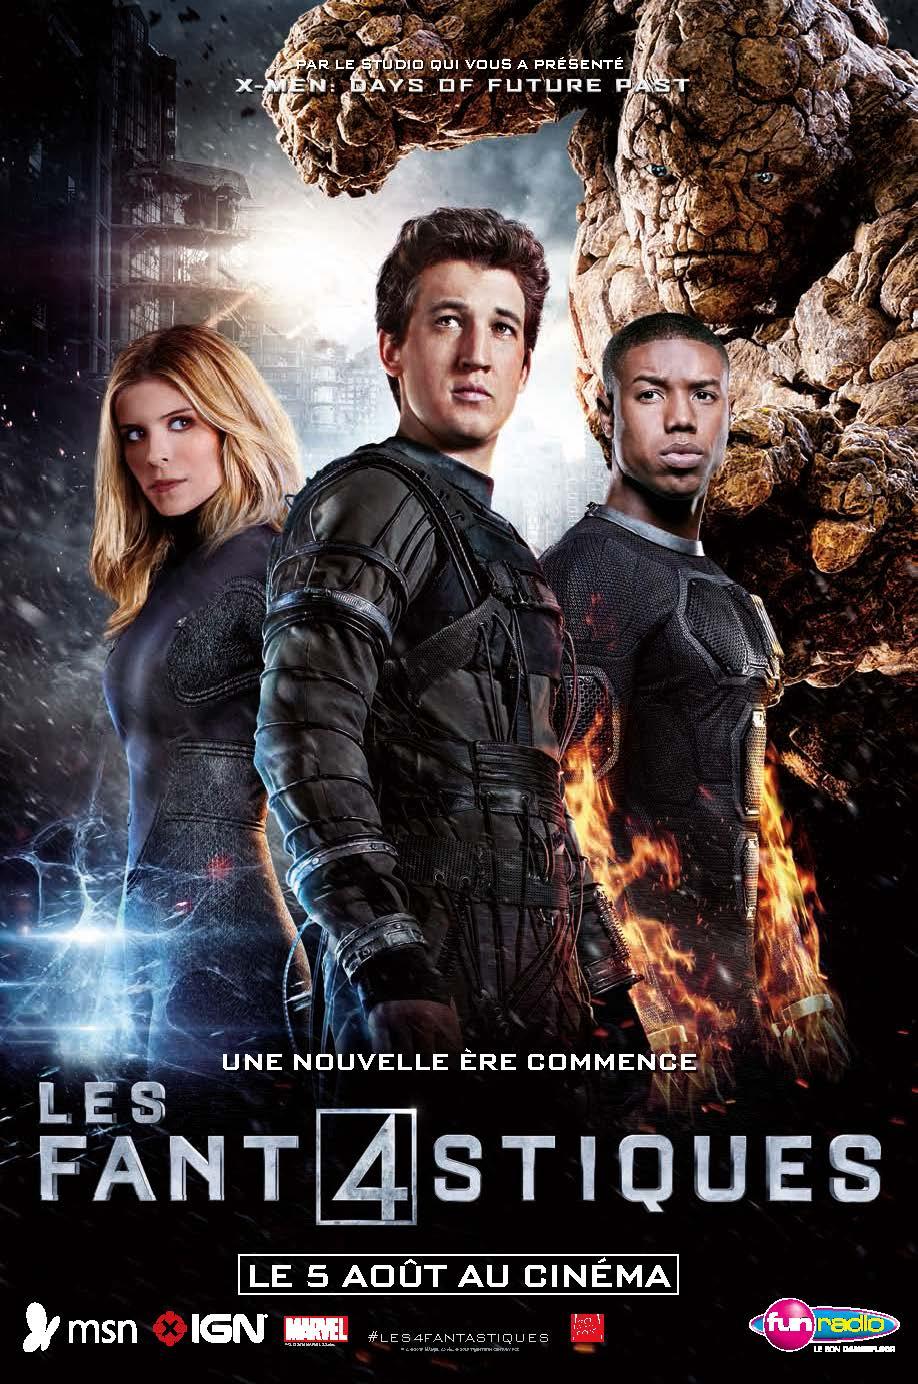 <i>Les Fant4stiques</i> (2015), un film pas fant... non, on ne fera pas le jeu de mots ! 2 image